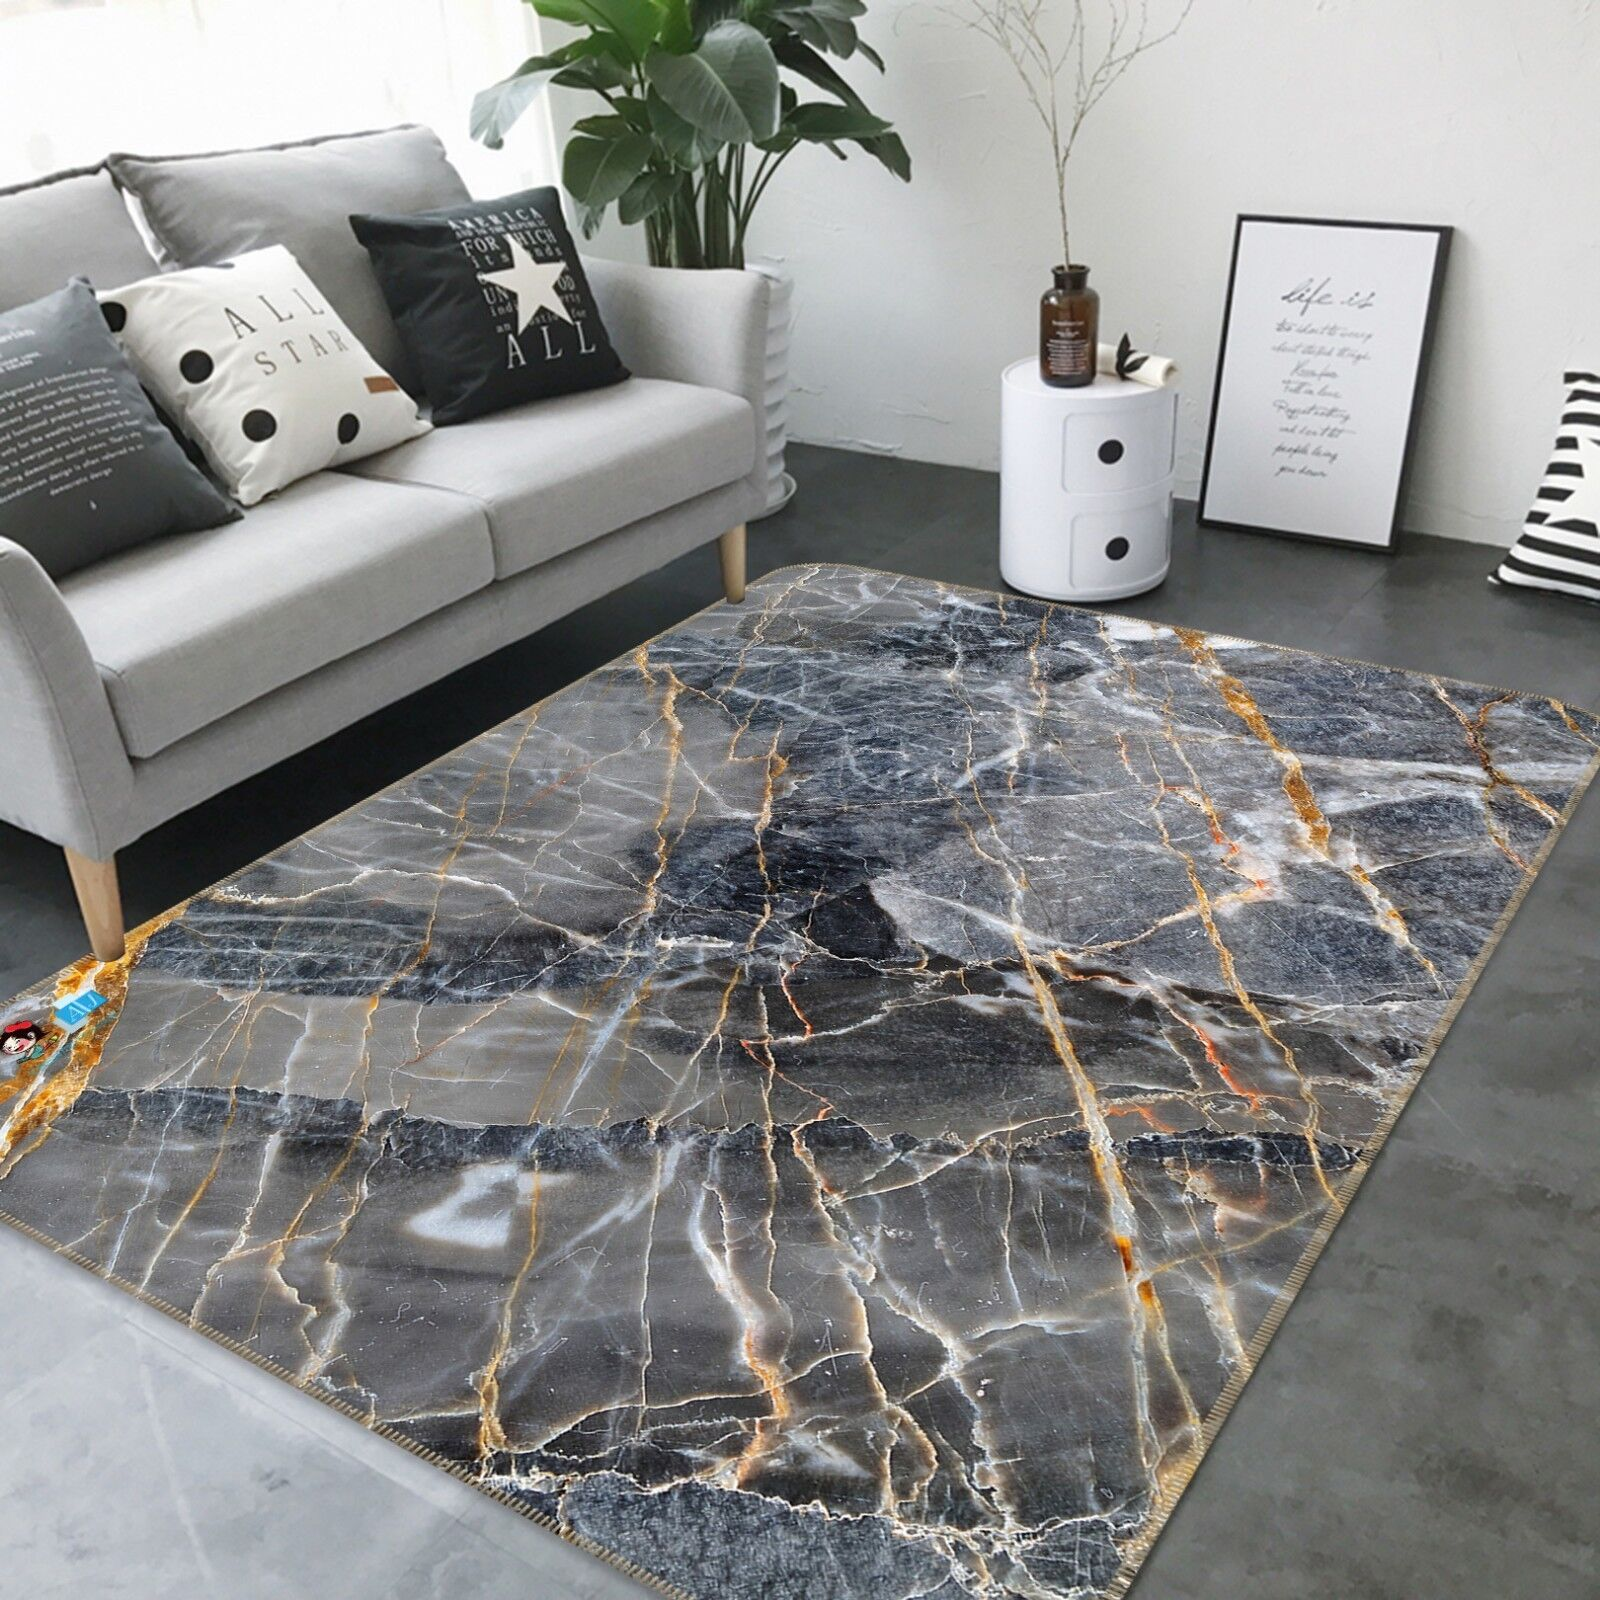 3d marmo texture crepe 5 antiscivolo tappeto bagagliaio Qualità Tappeto Elegante